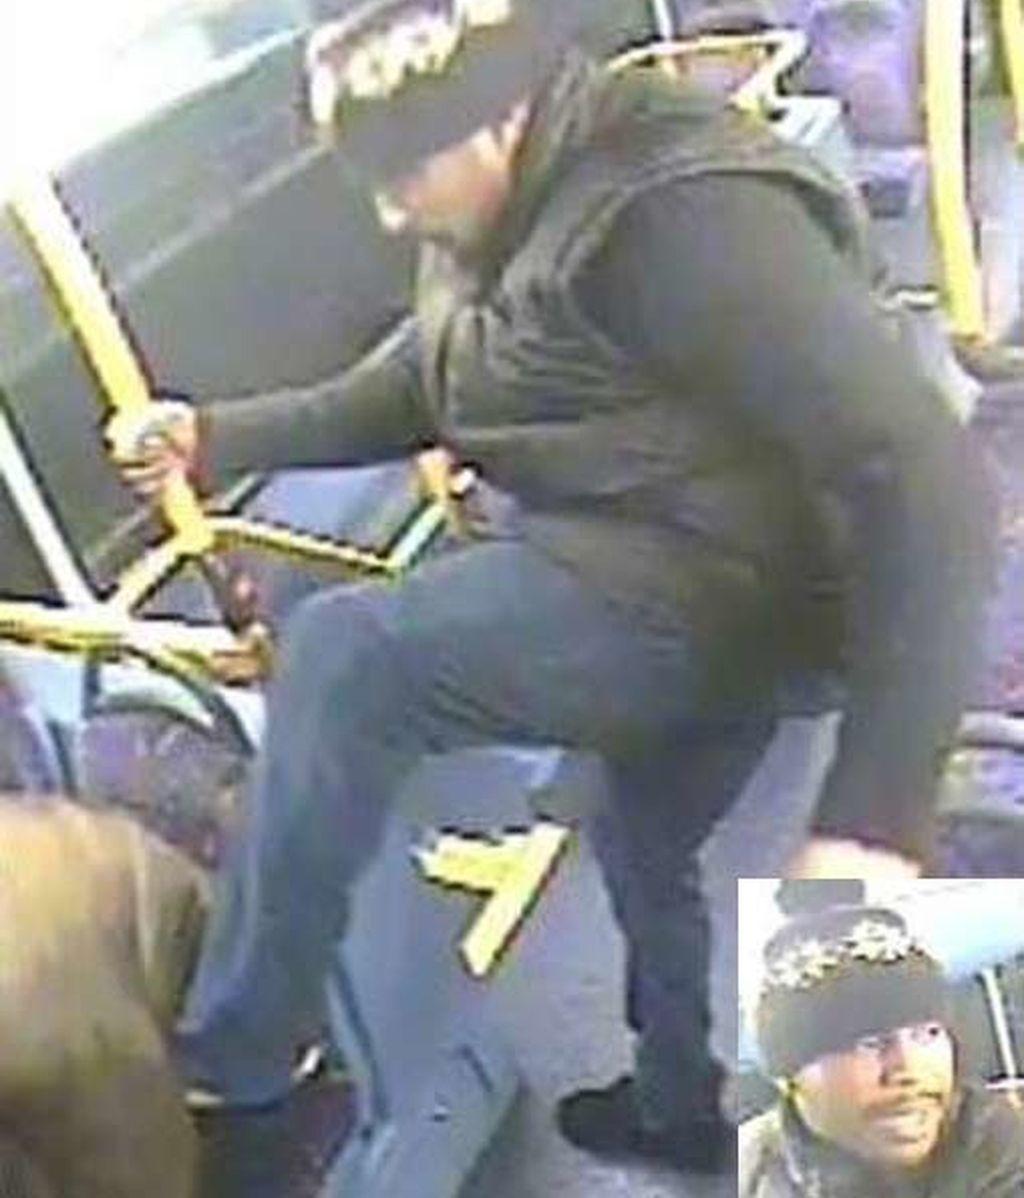 Le rompen la nariz en un brutal ataque por la espalda en el autobús